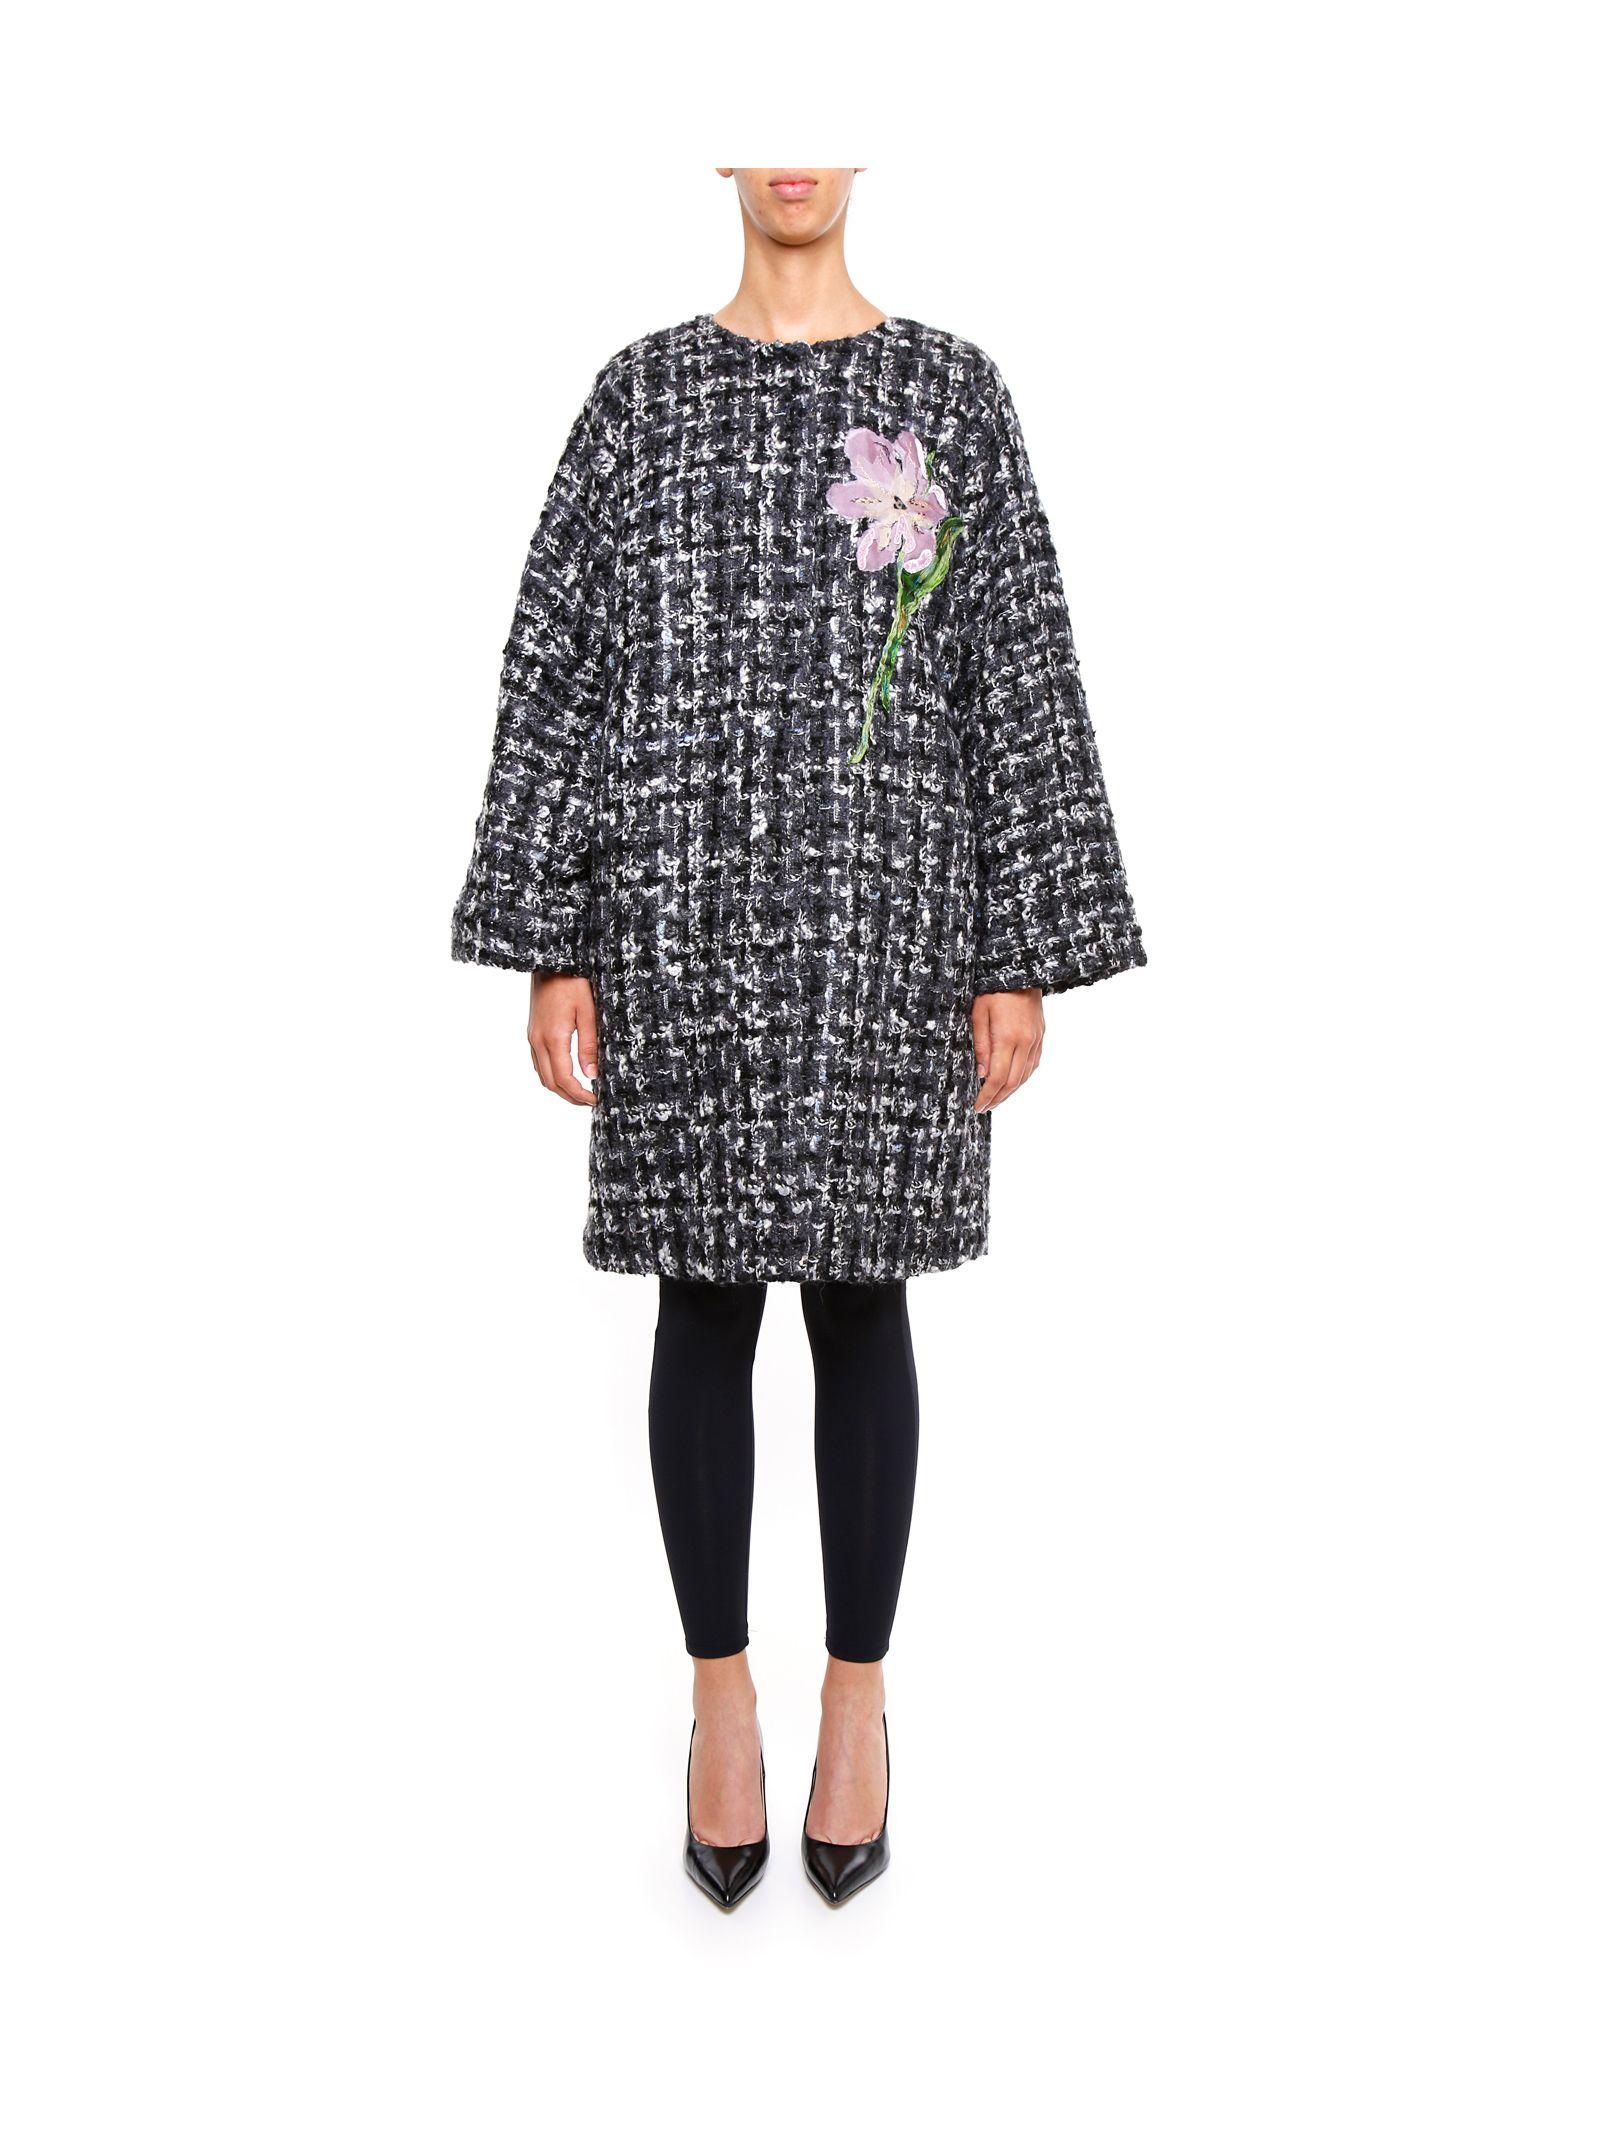 Palton de damă DOLCE & GABBANA, fashion, lână, cu broderie